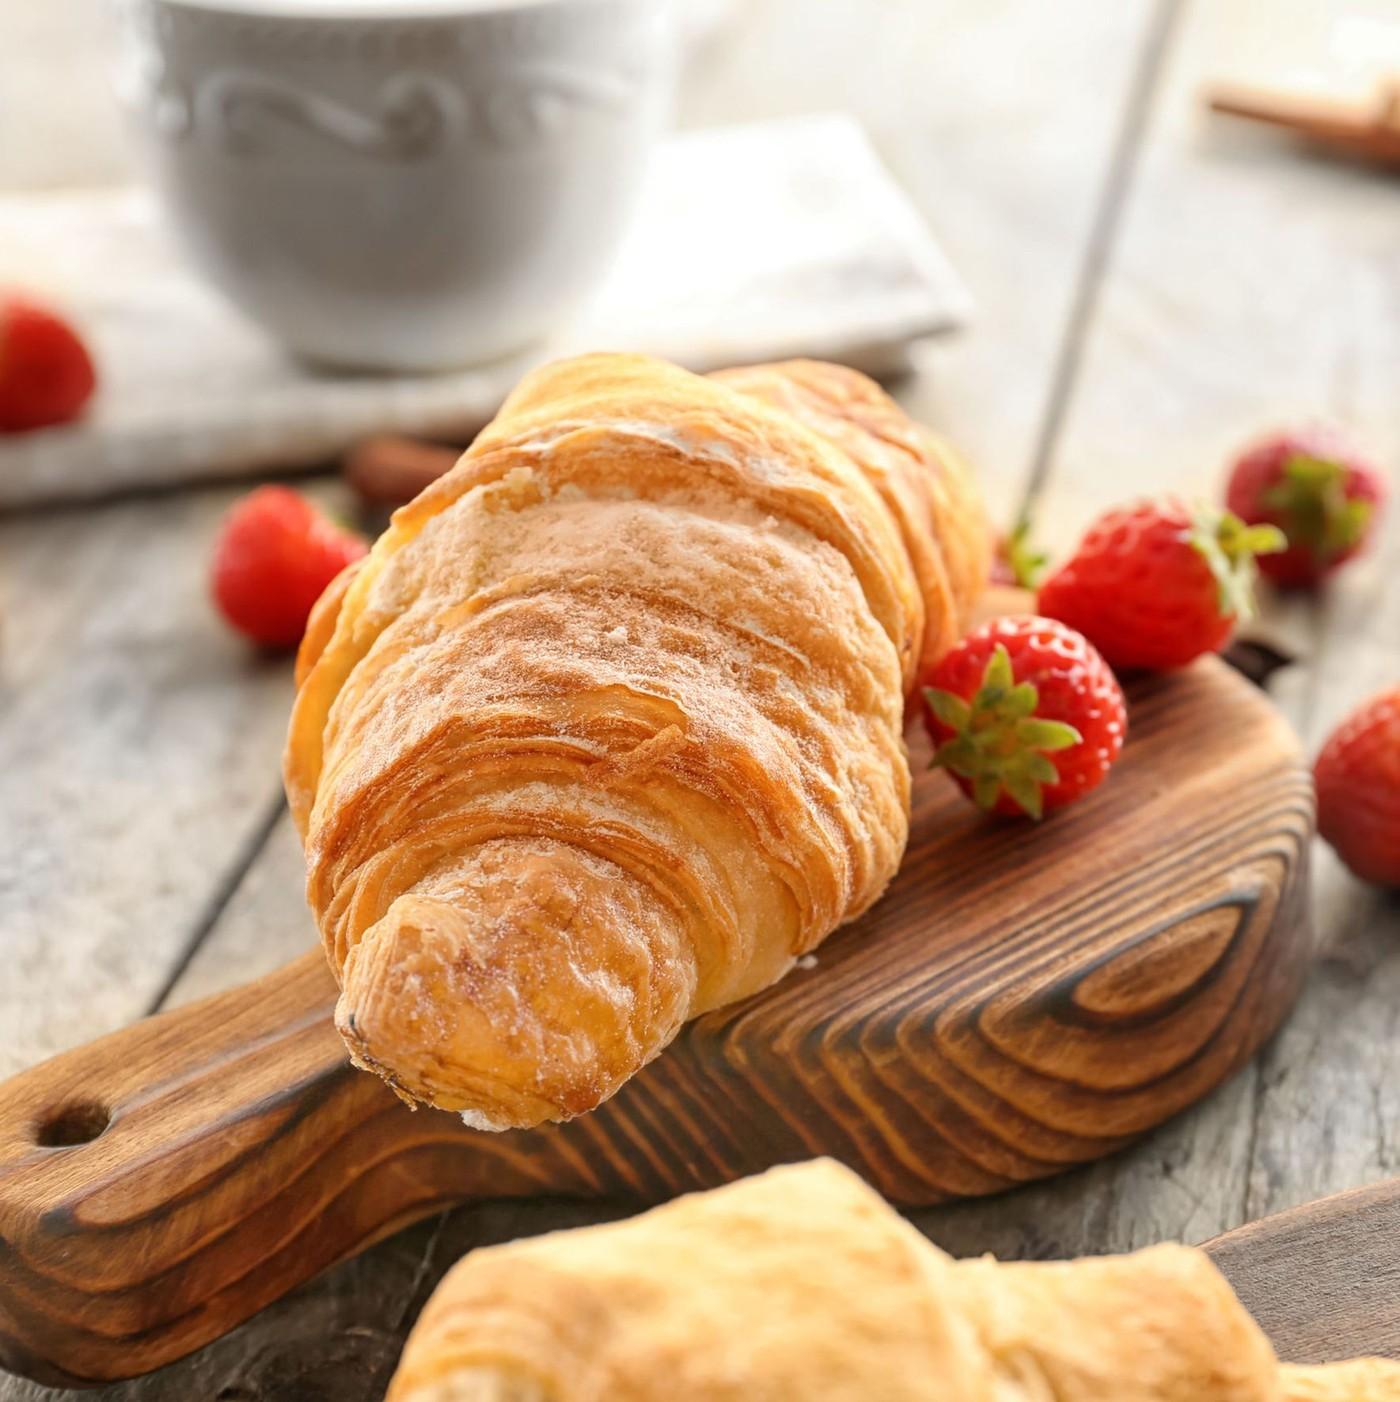 receta de Croissant extra curvo de pistacho